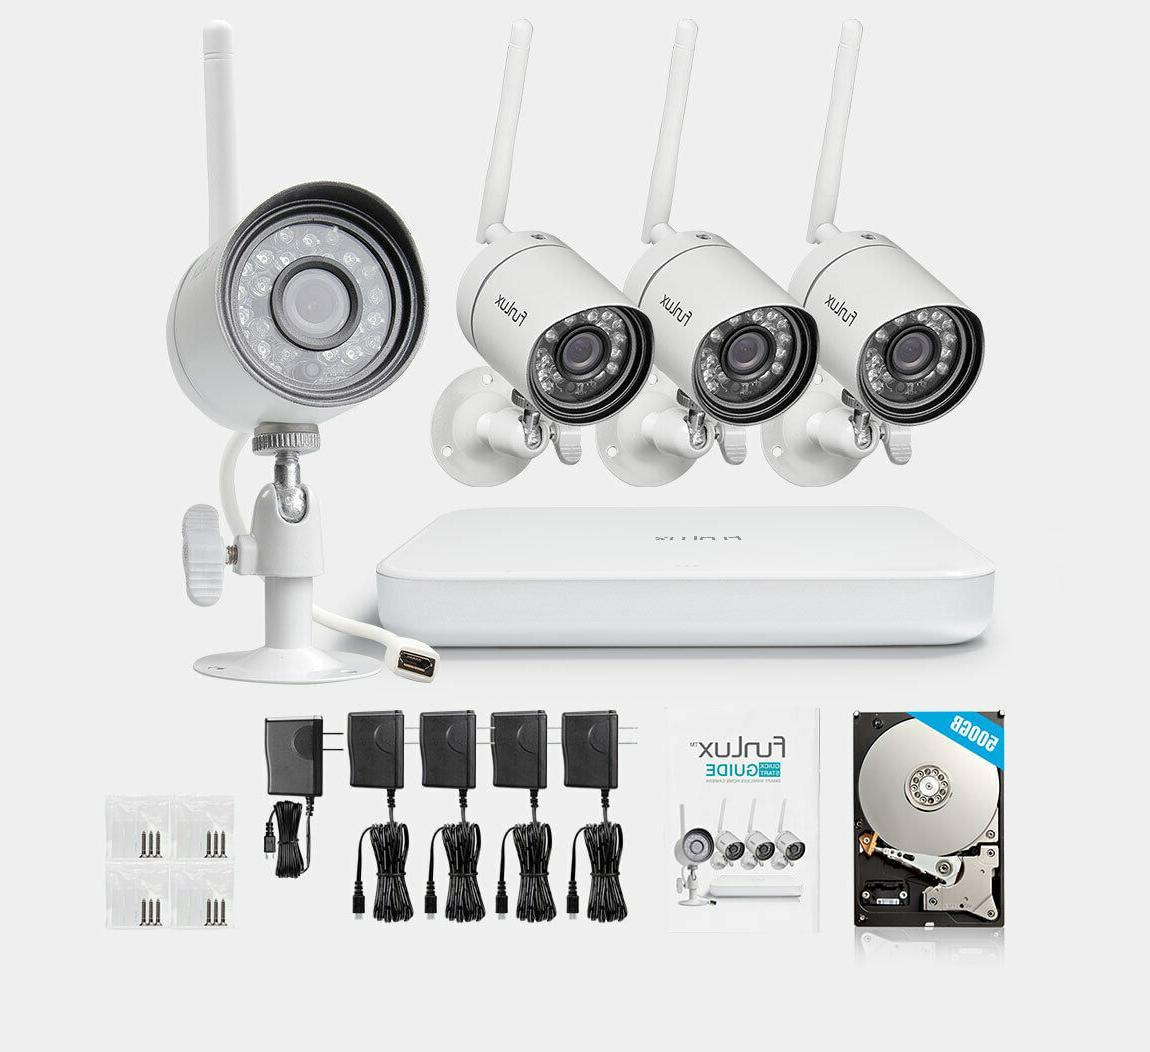 Funlux 4CH HDMI 4 Video Cameras System 500GB HDD